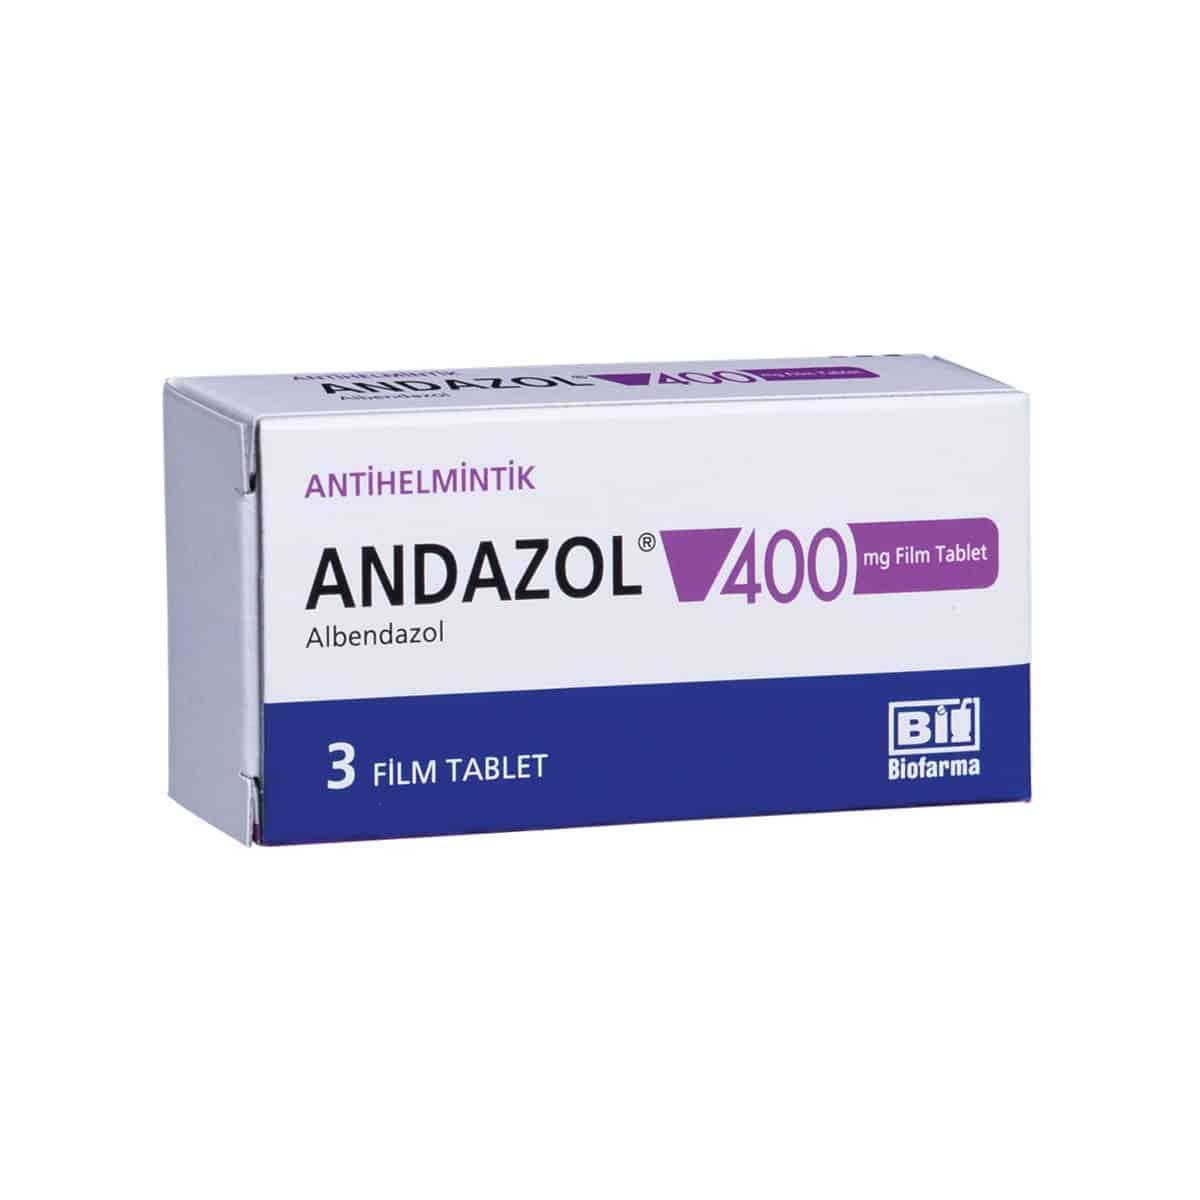 Aldazol (albendazol) coated tablets 400 mg. №3